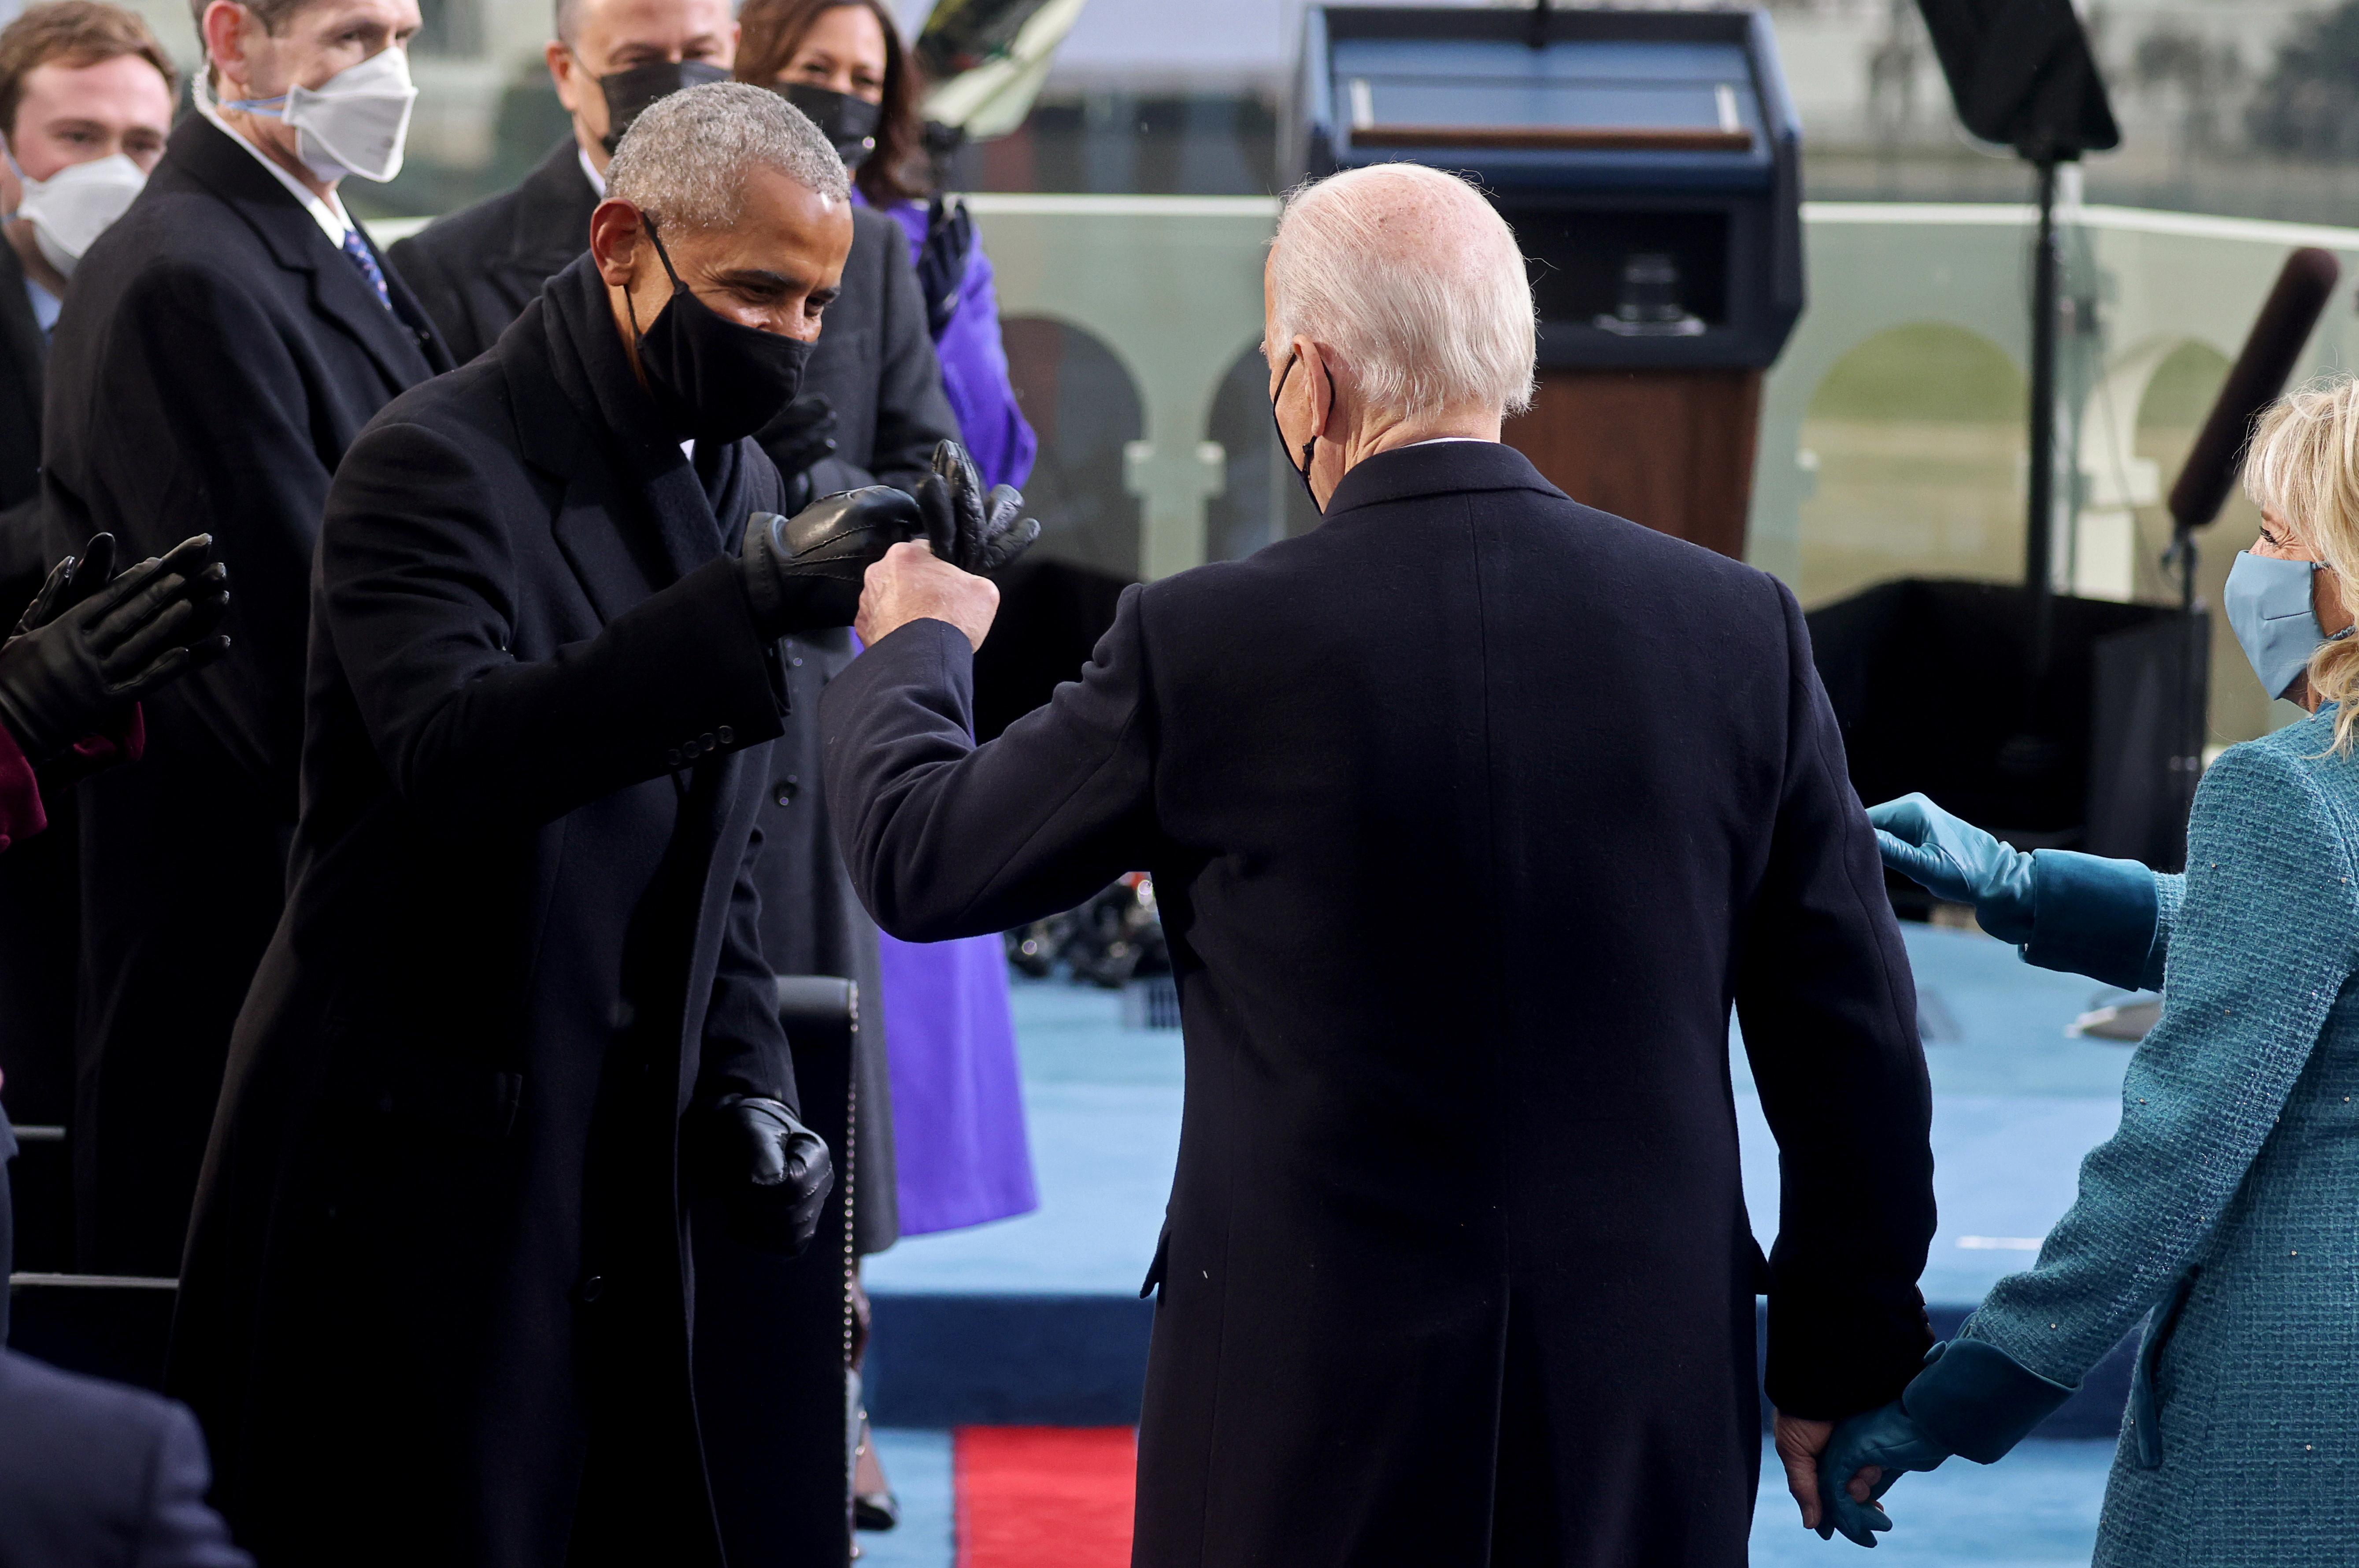 الرؤساء أوباما وبايدن يتصافحان بقبضات اليدين